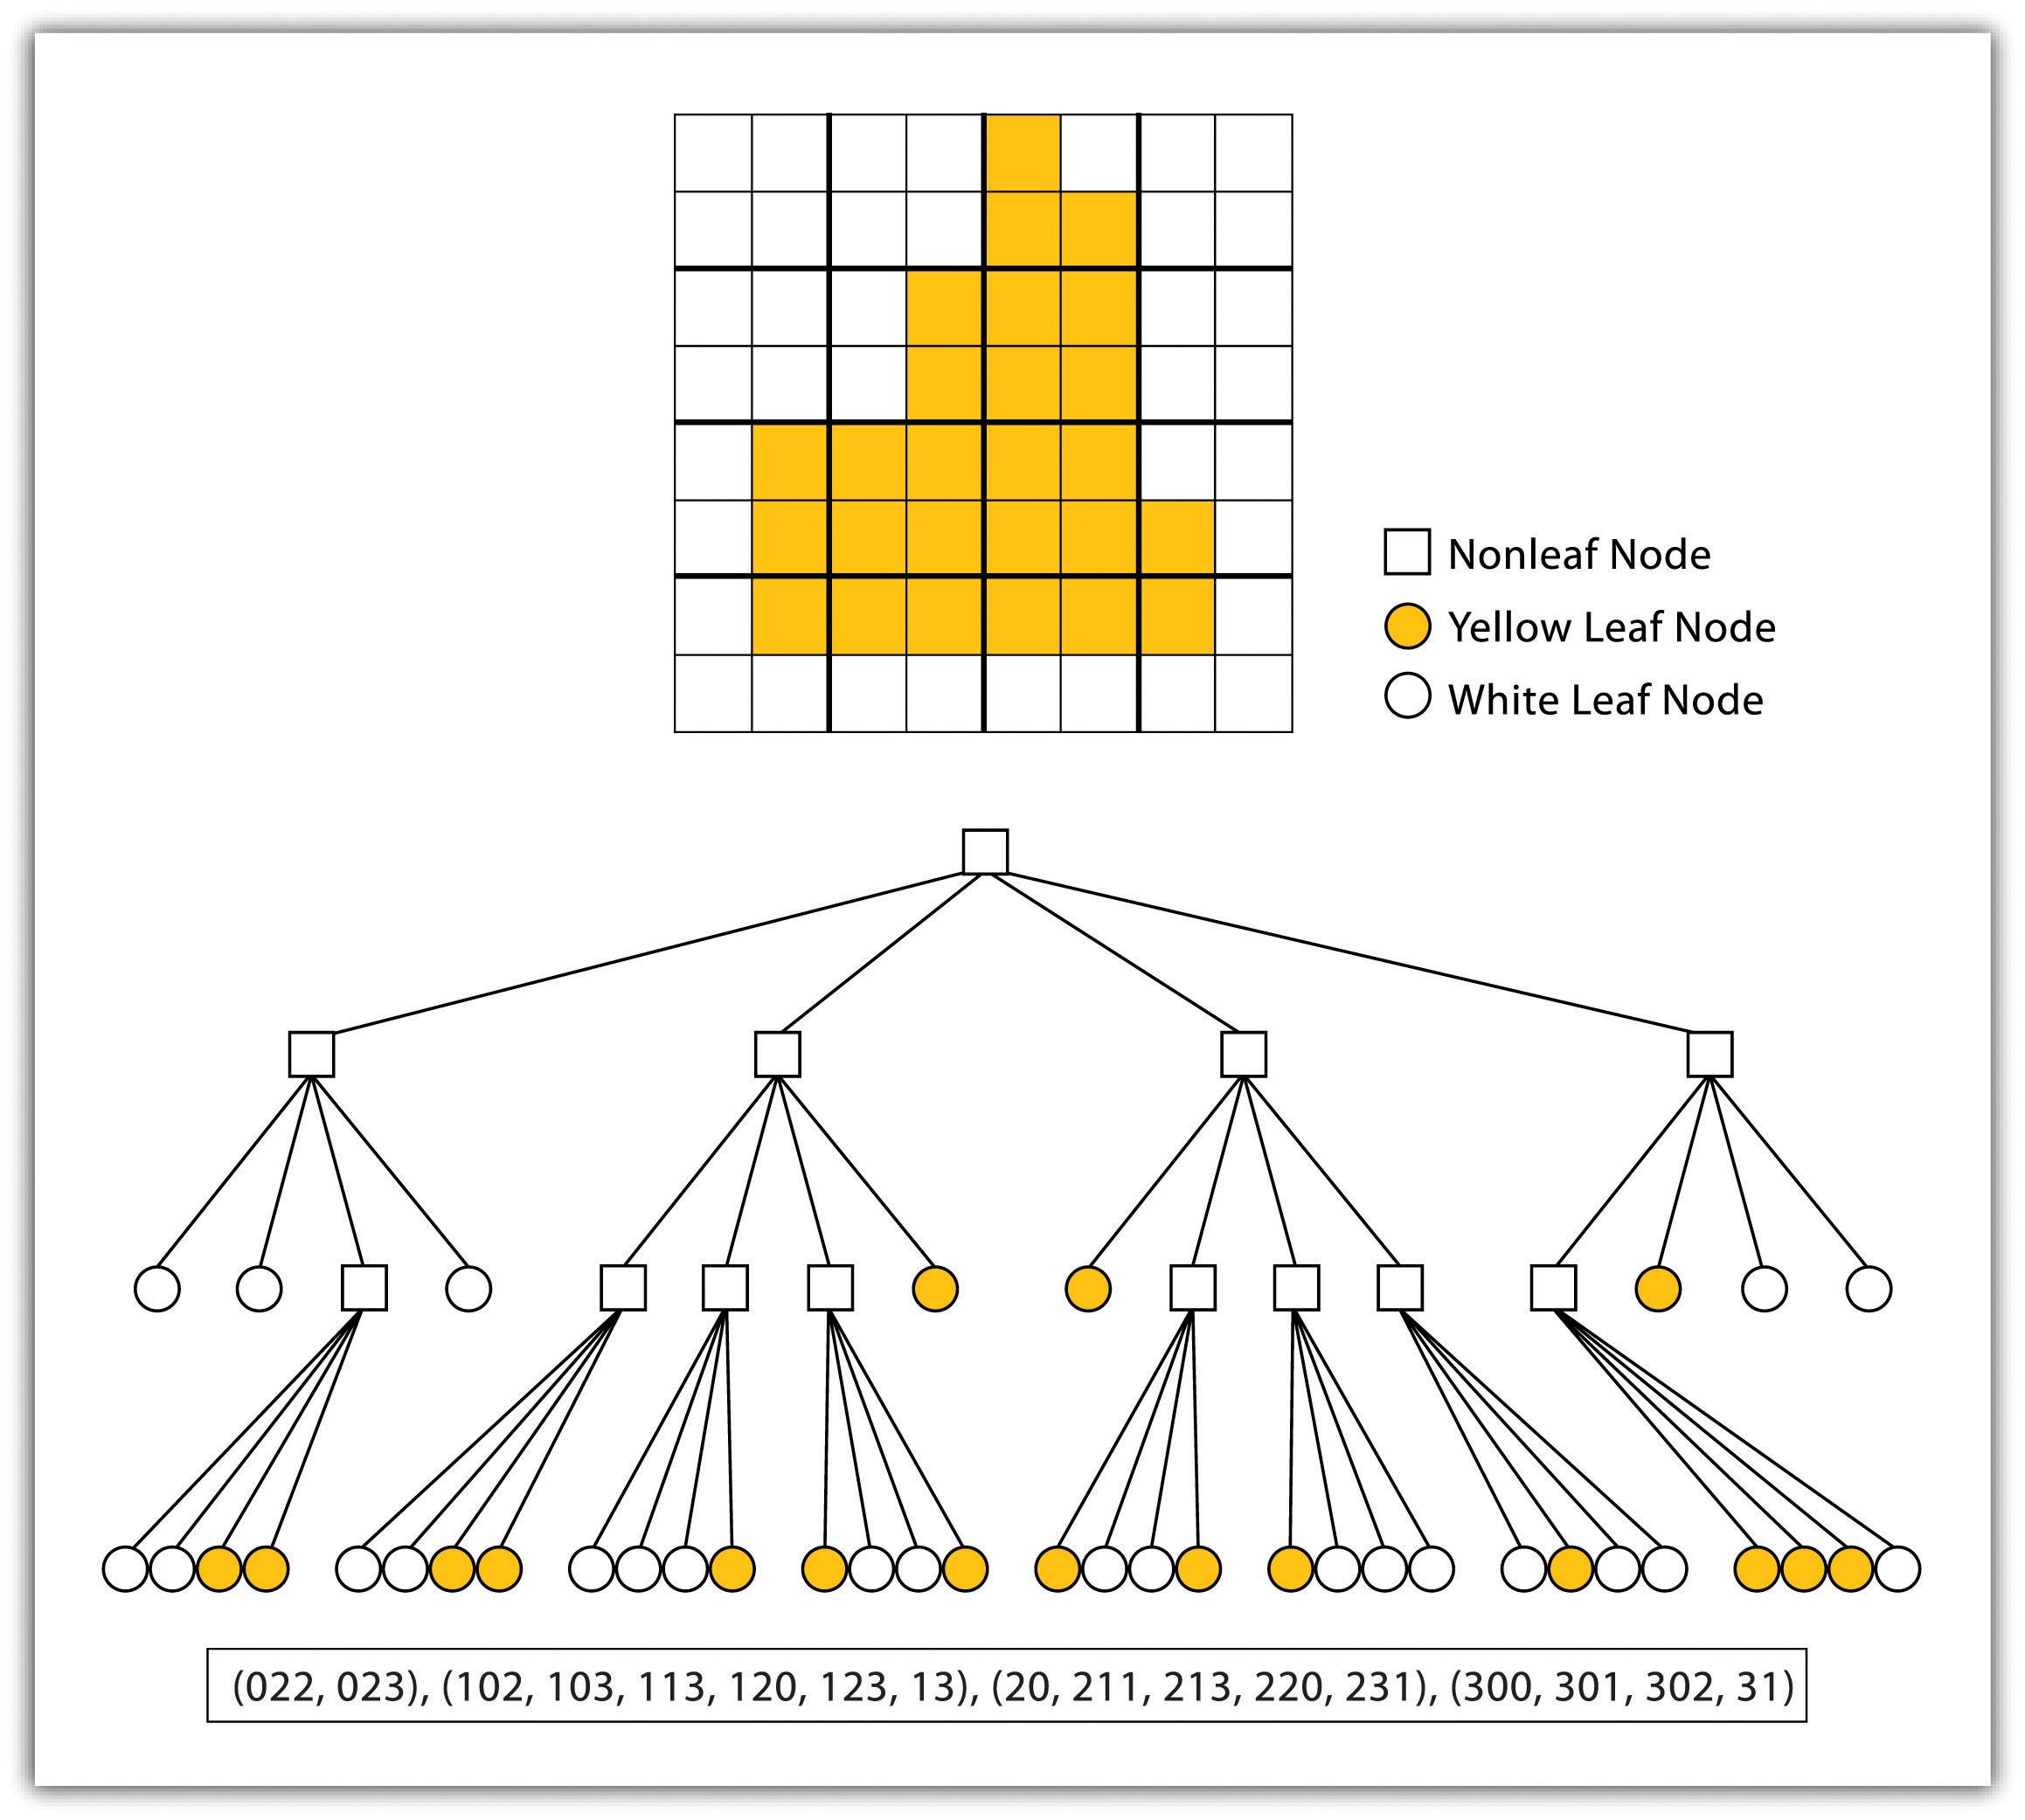 Data Models for GIS